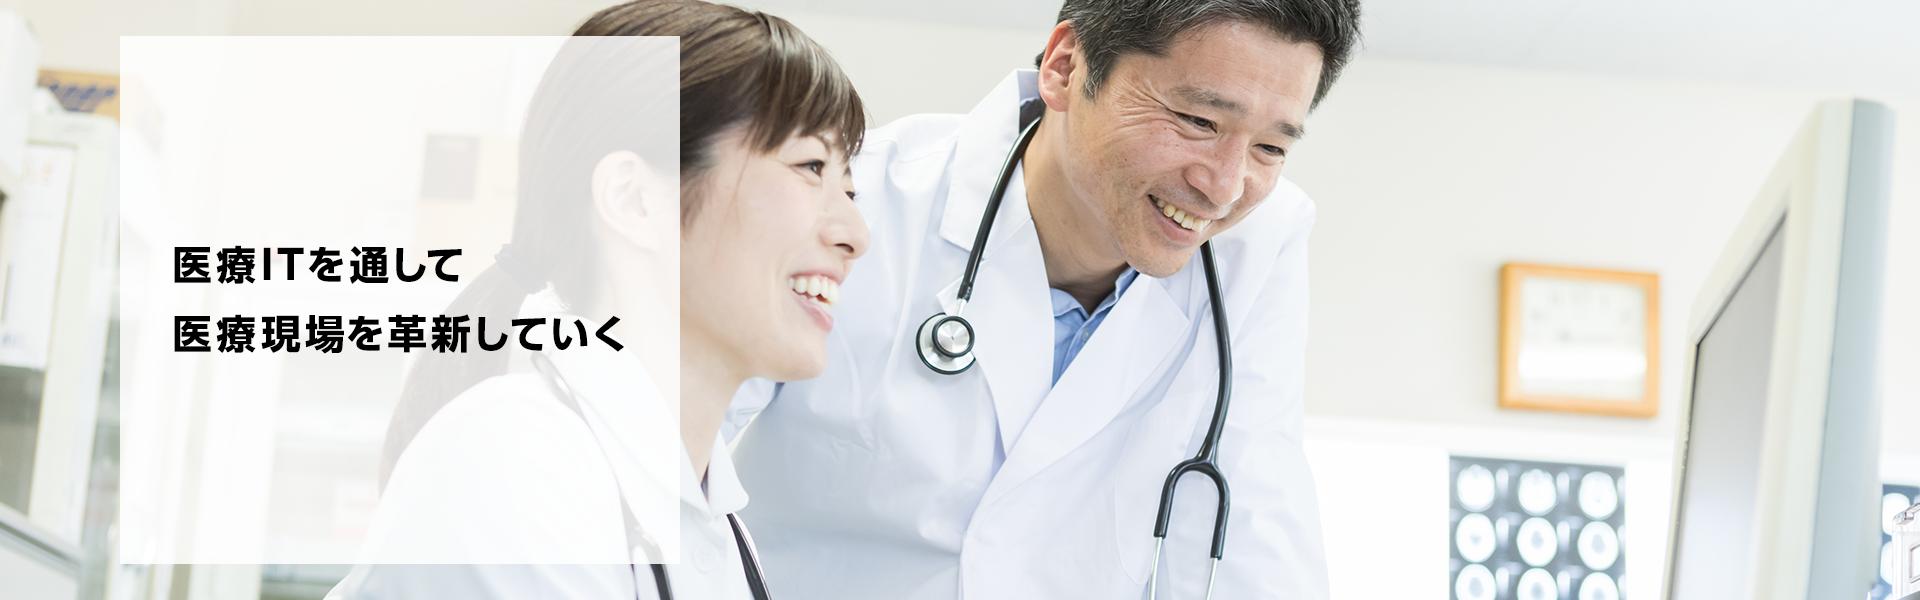 [画像]医療ITを通じて医療現場を革新していく